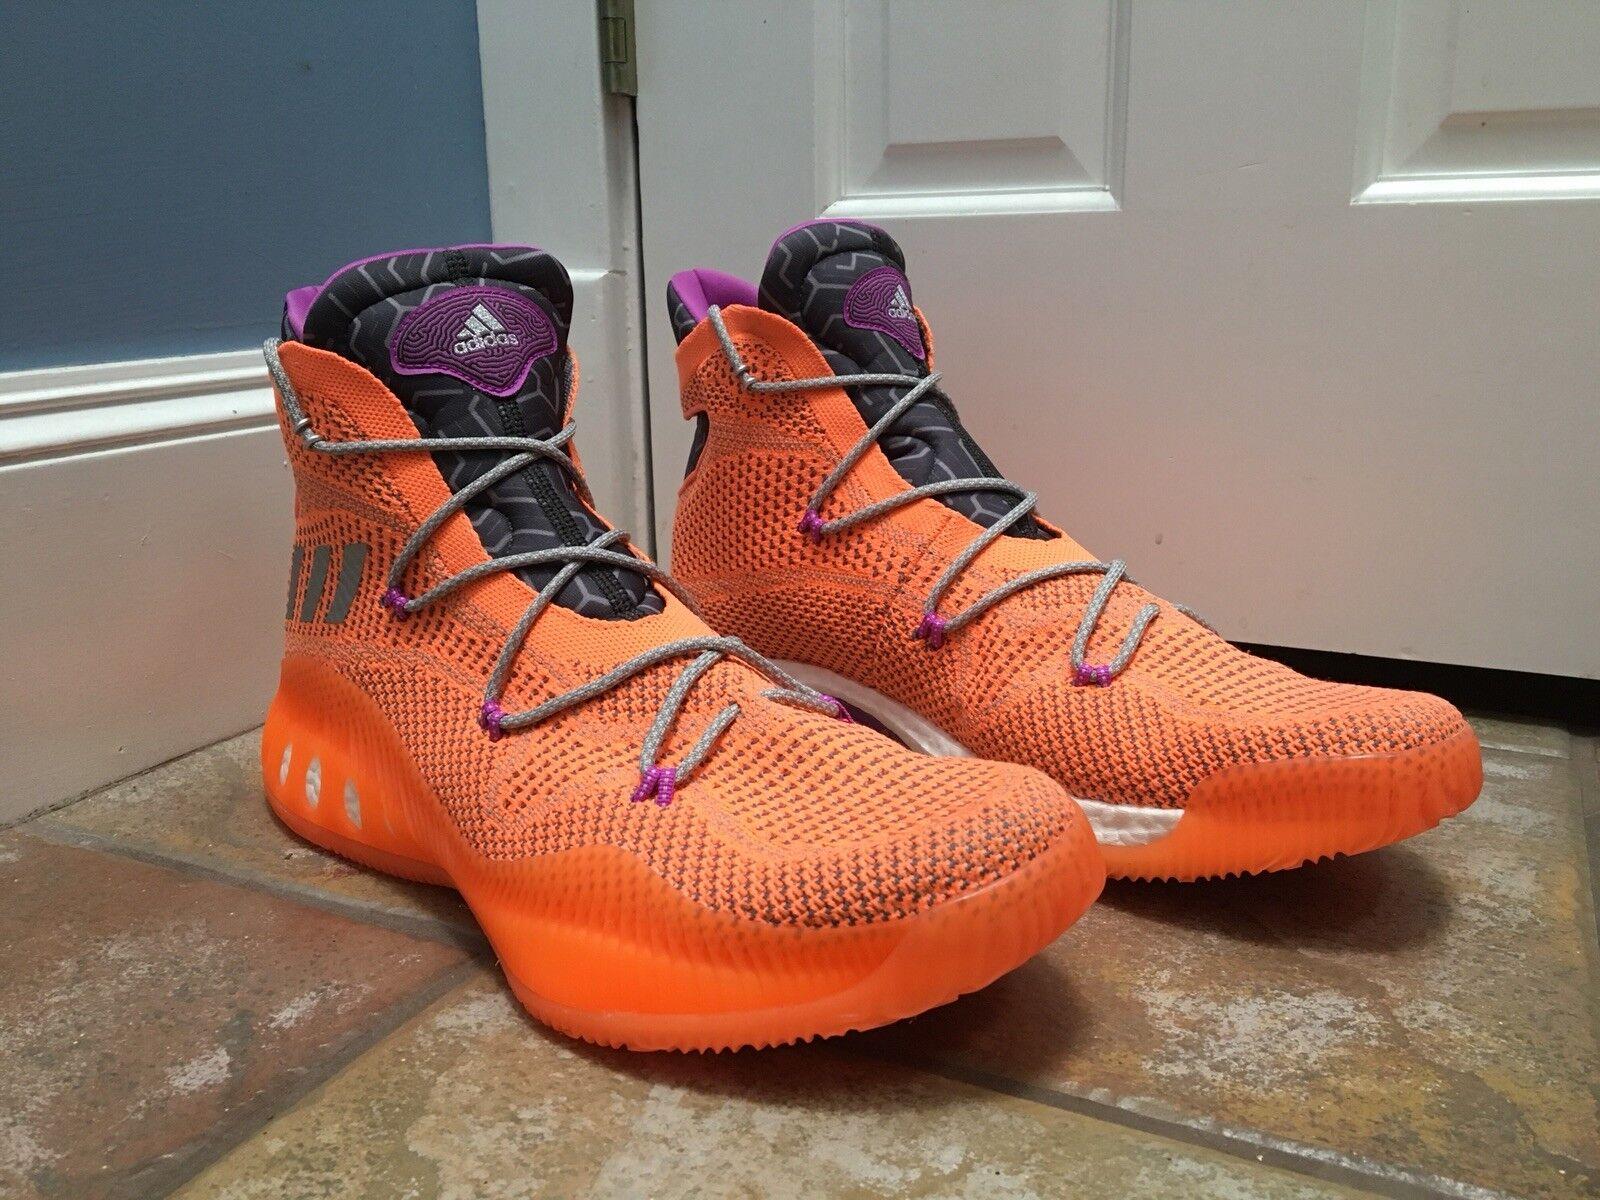 Uomo numero 17 scarpe adidas pazzo esplosivo primeknit scarpe 17 da basket bb8370 arancione 45be1e